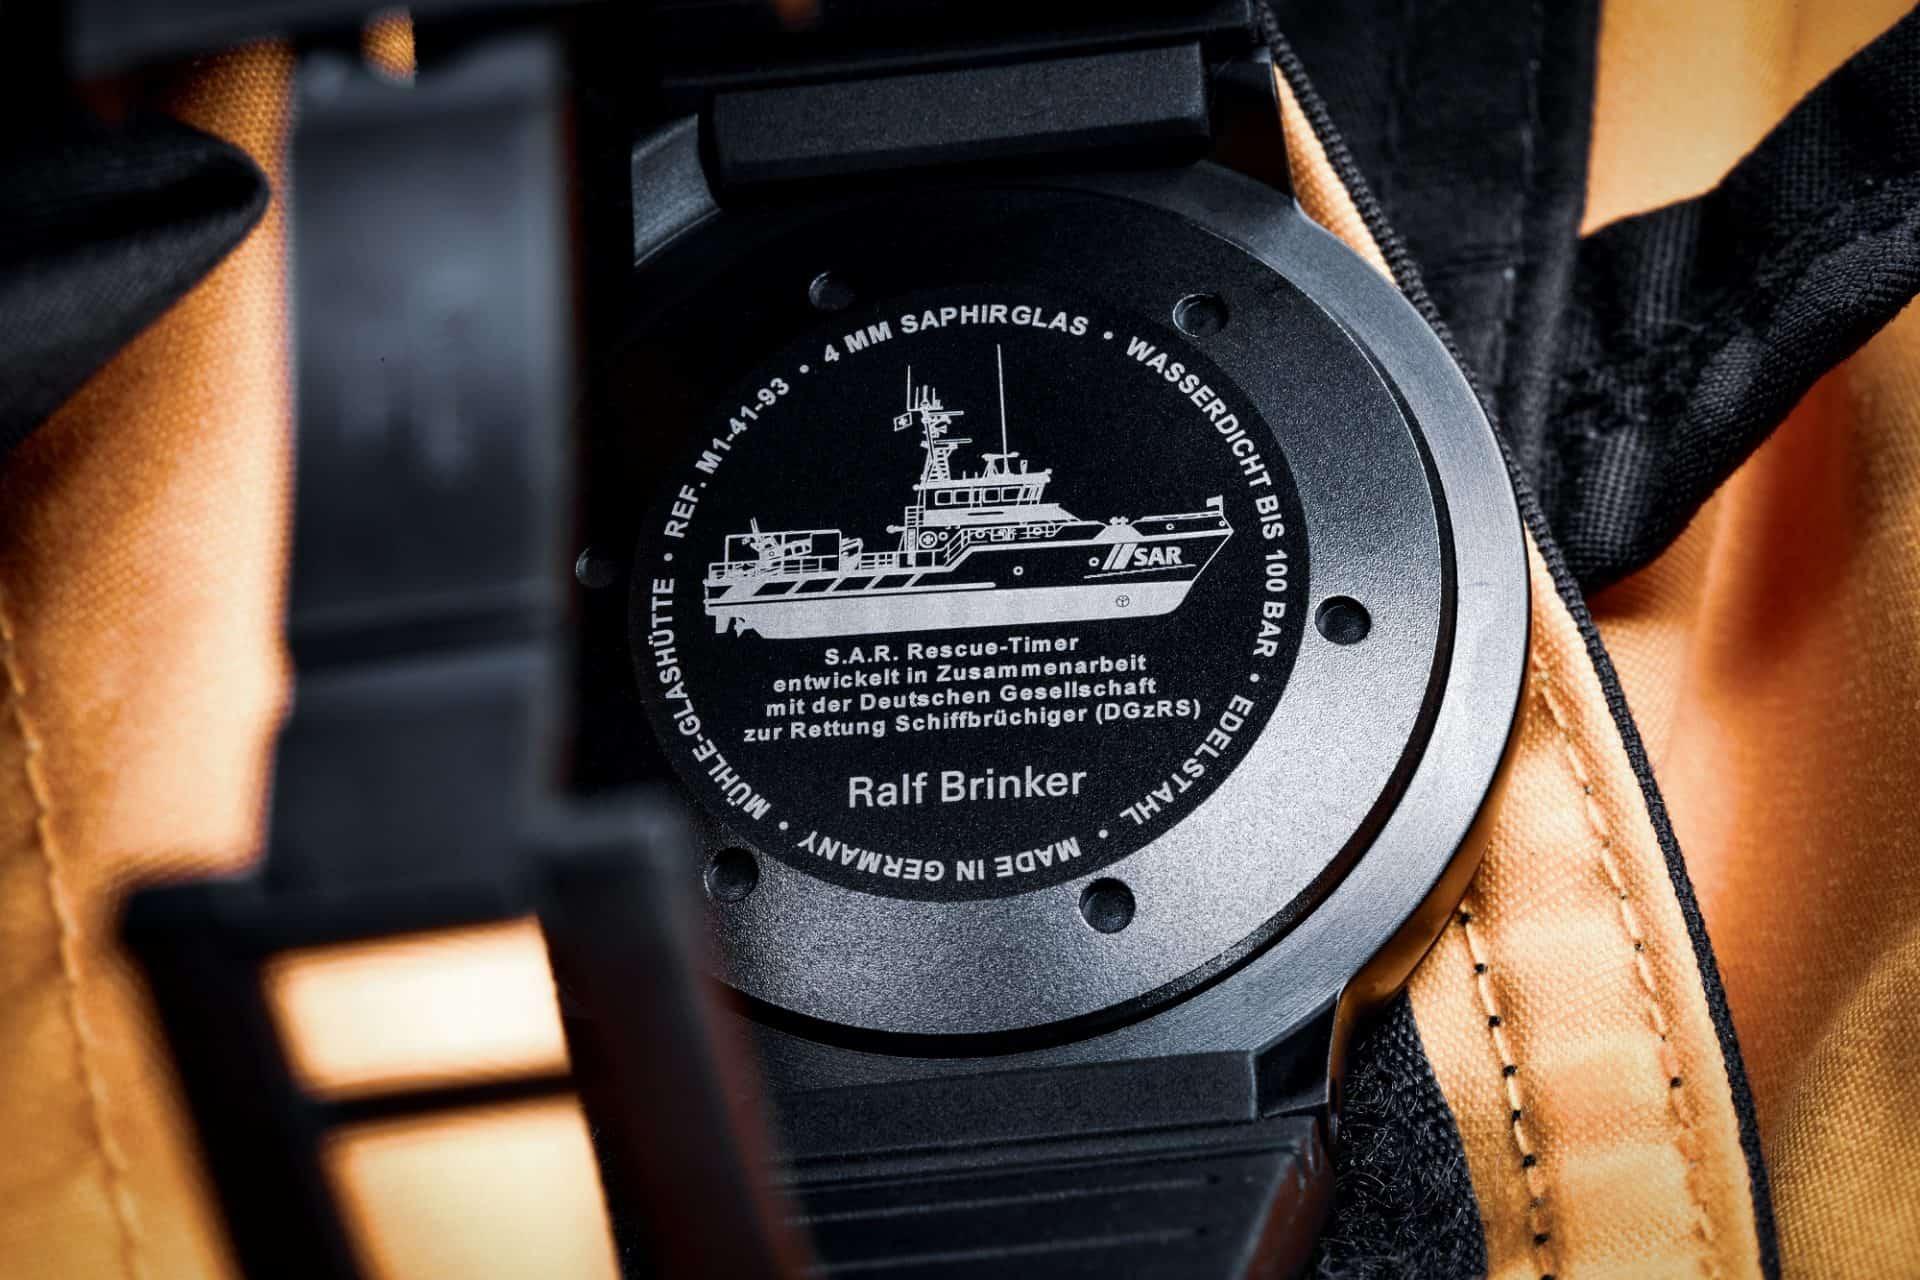 Der Gehäuseboden zeigt die gute Absicht für diese hoch belastbare Armbanduhr mit PVD Beschichtung